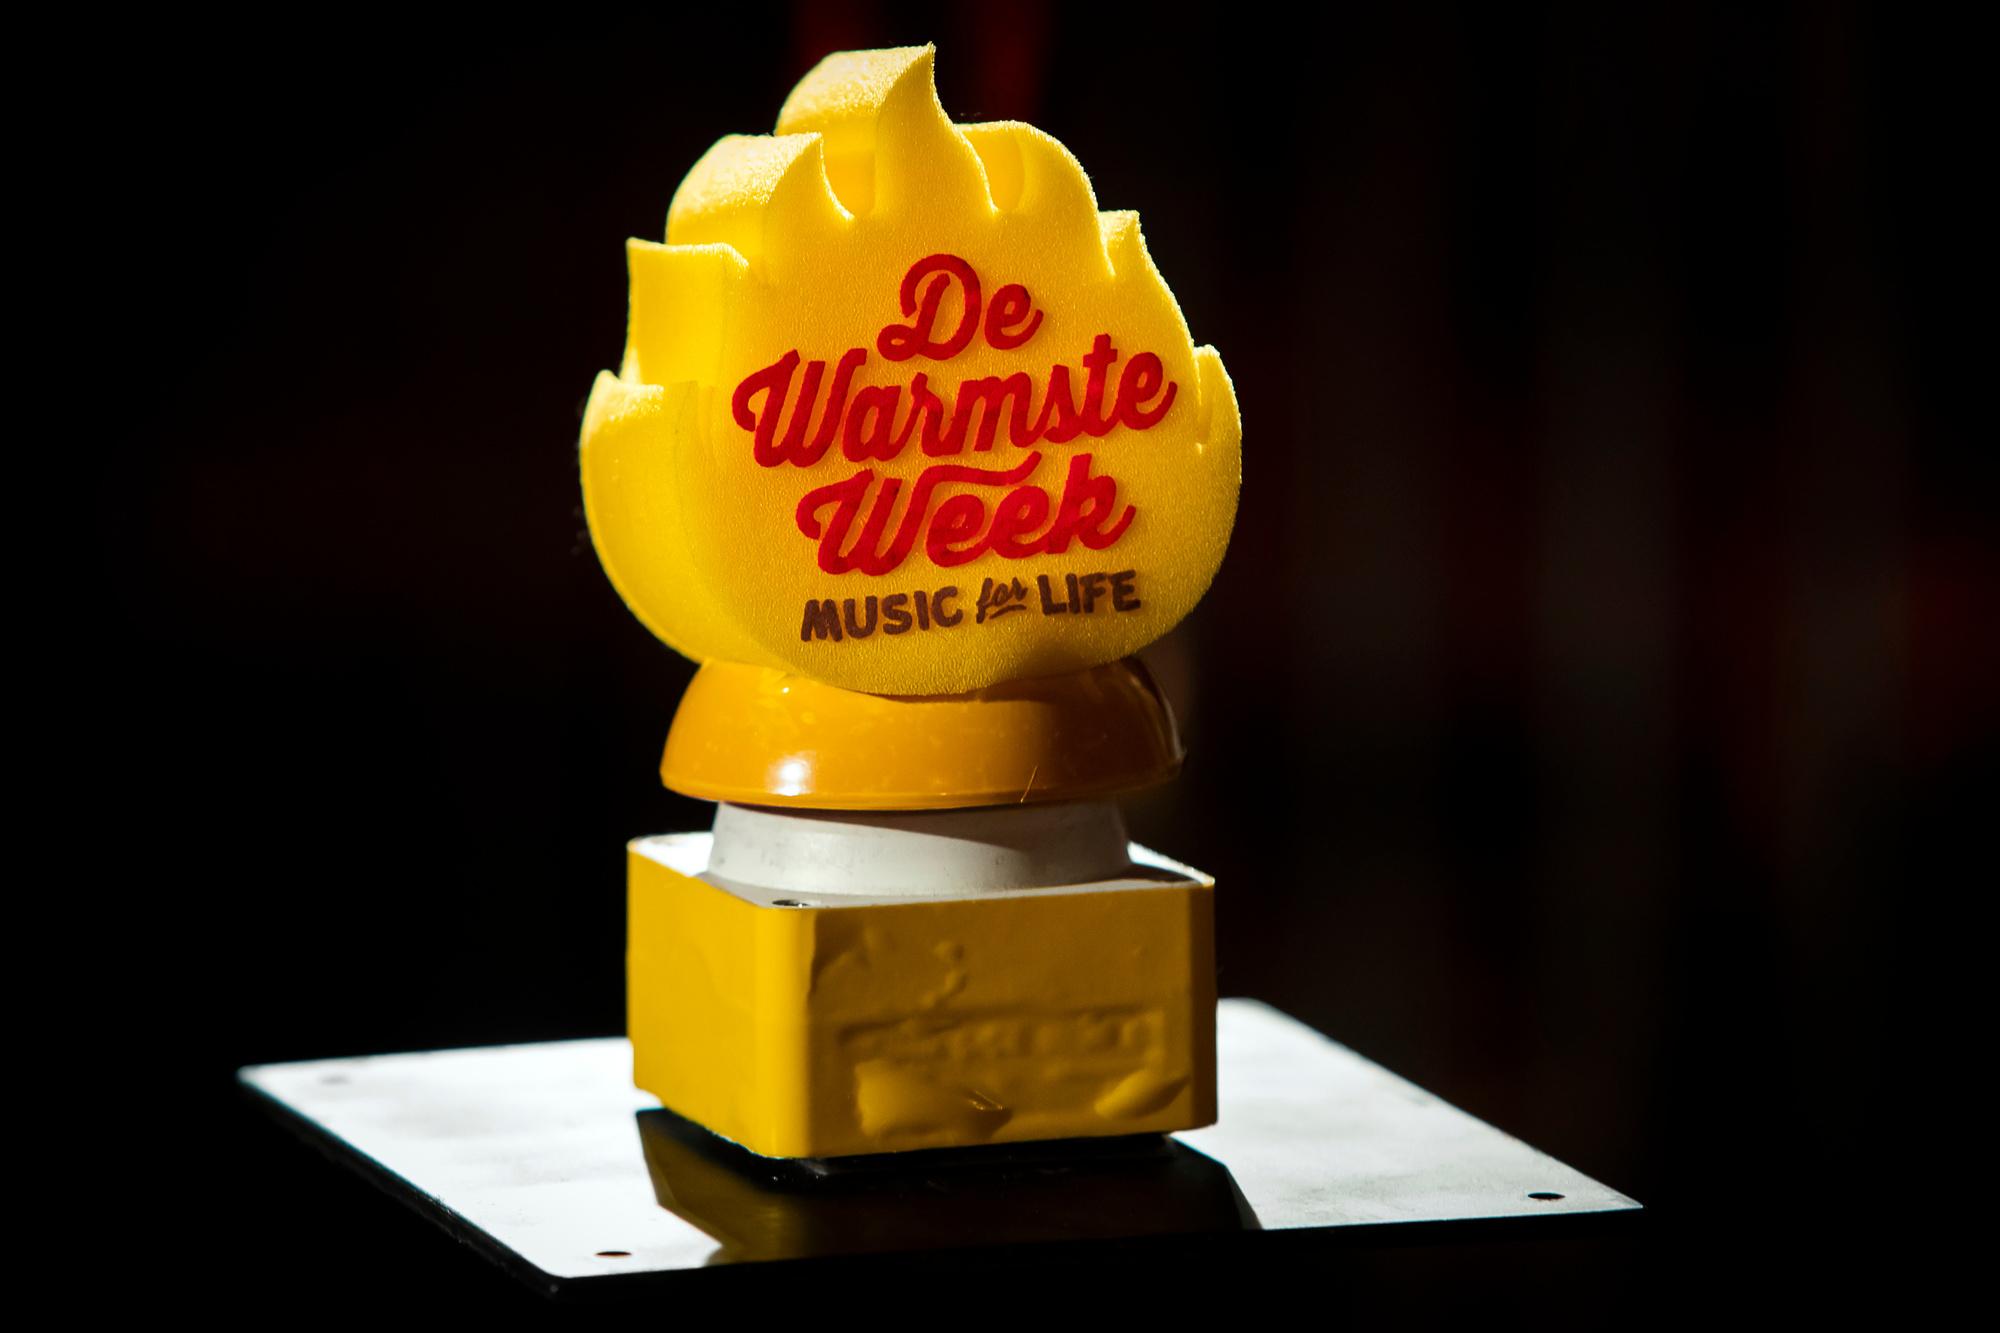 Le trophée de Warmste week (Music for Life)., DR